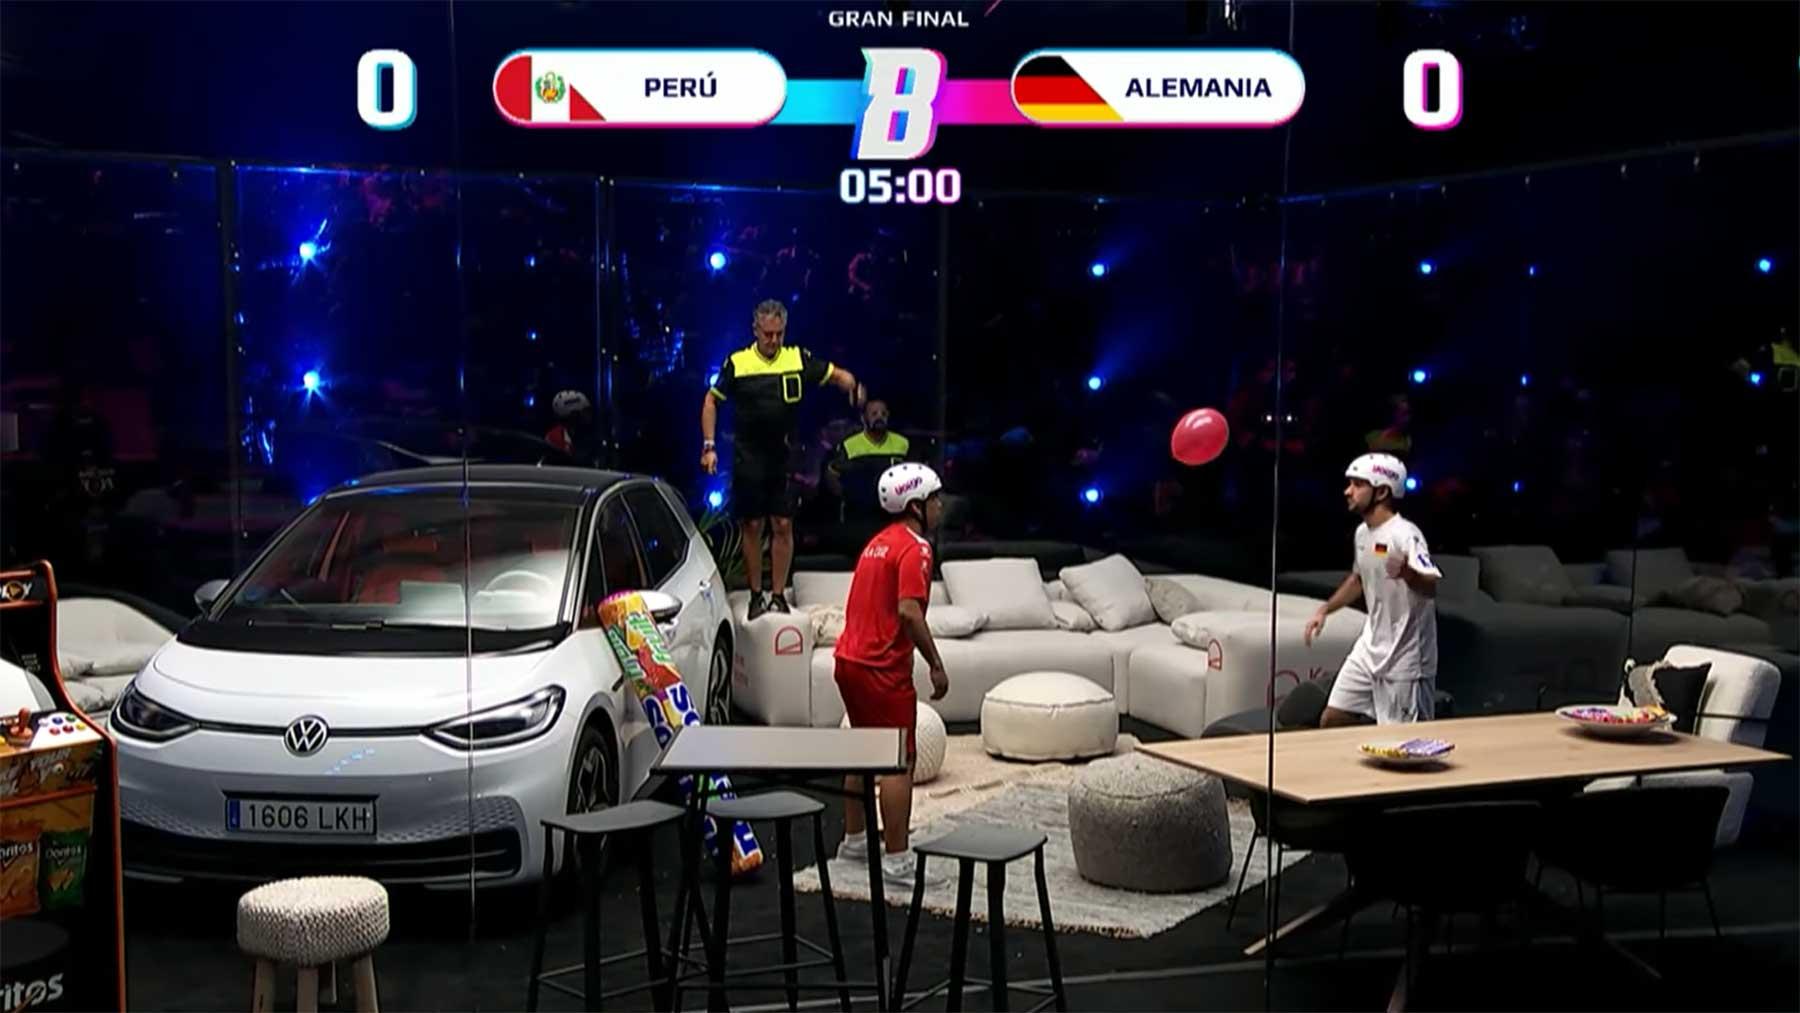 Weltmeisterschaft im Luftballon-Hochhalten